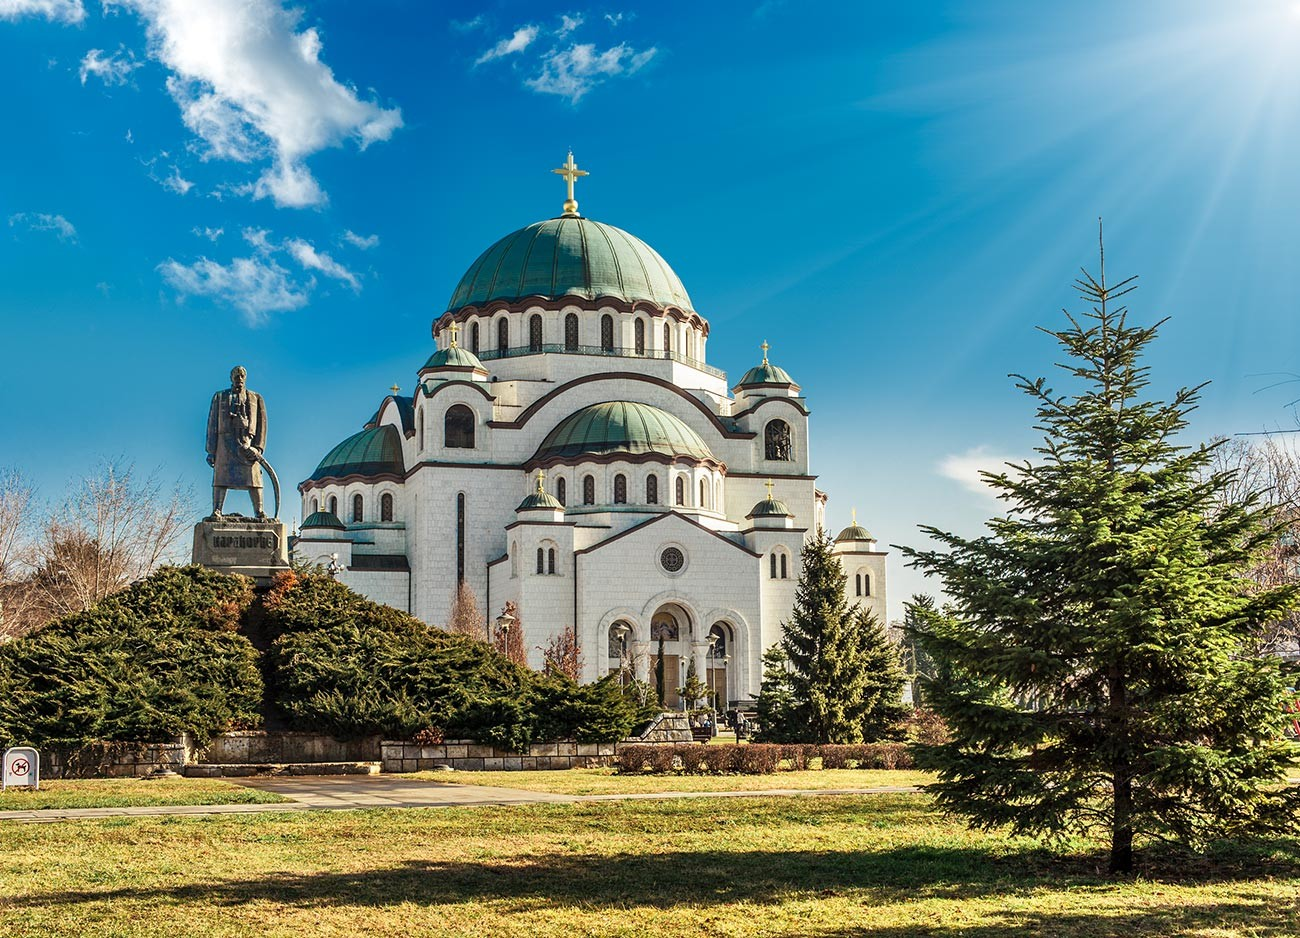 Belgrad, the capital of Serbia